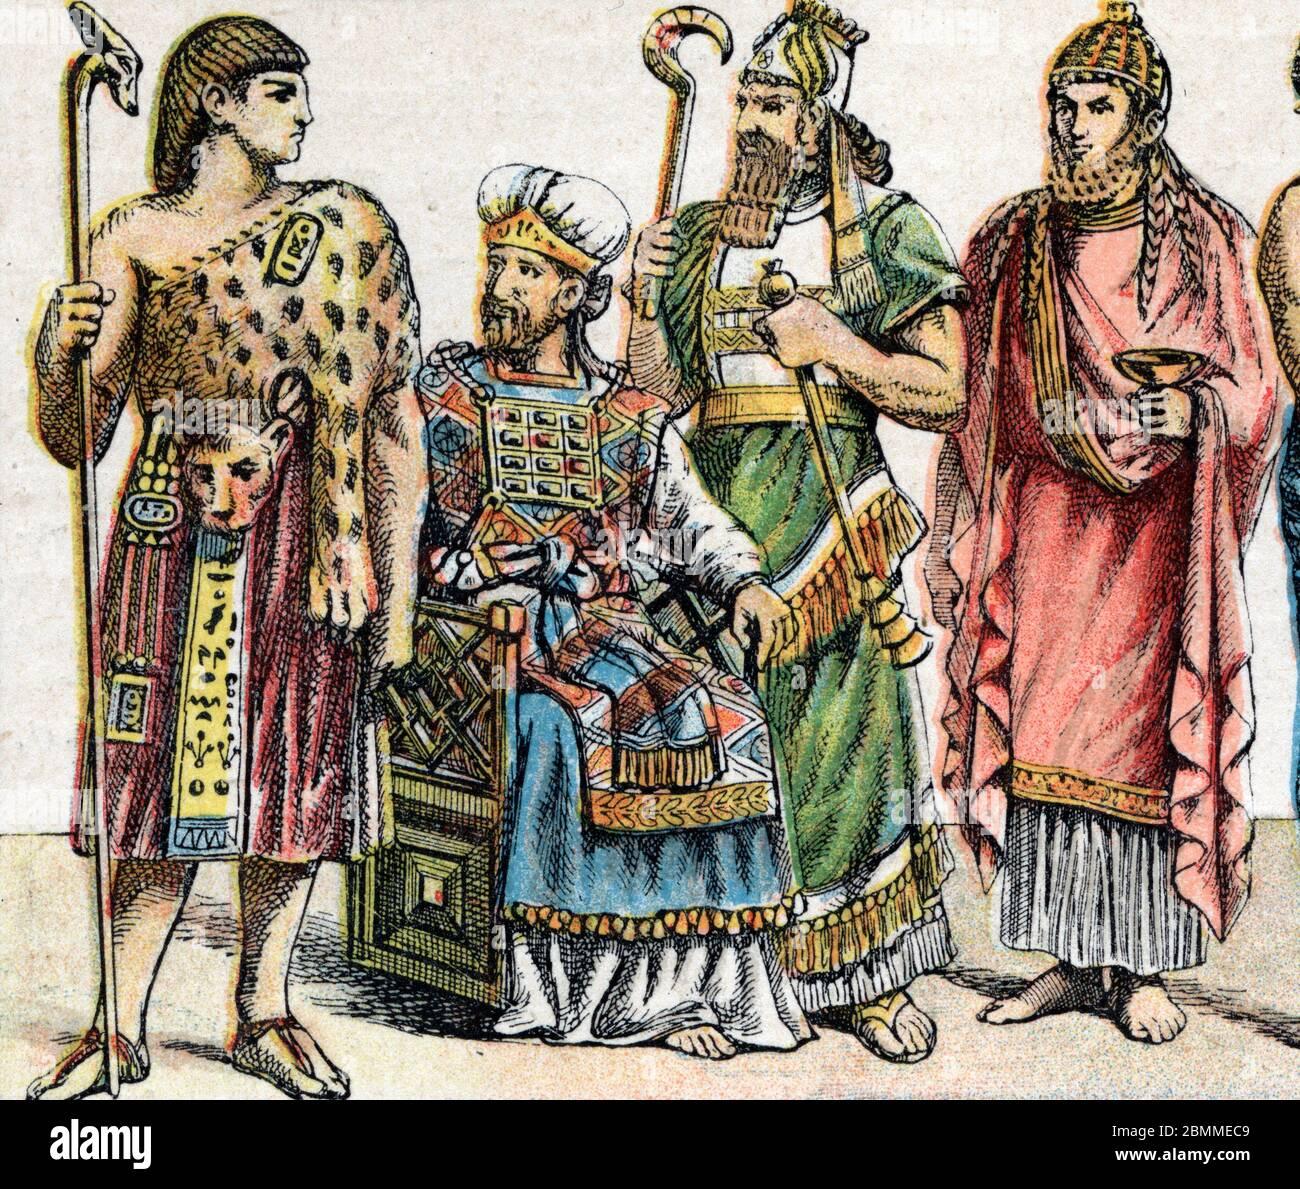 Costumes religieux dans l'Antiquite : de g a d portrait d'un Grand pretre egyptien, un Grand pretre hebreu, un roi assyrien en vetements d'officiant e Stock Photo